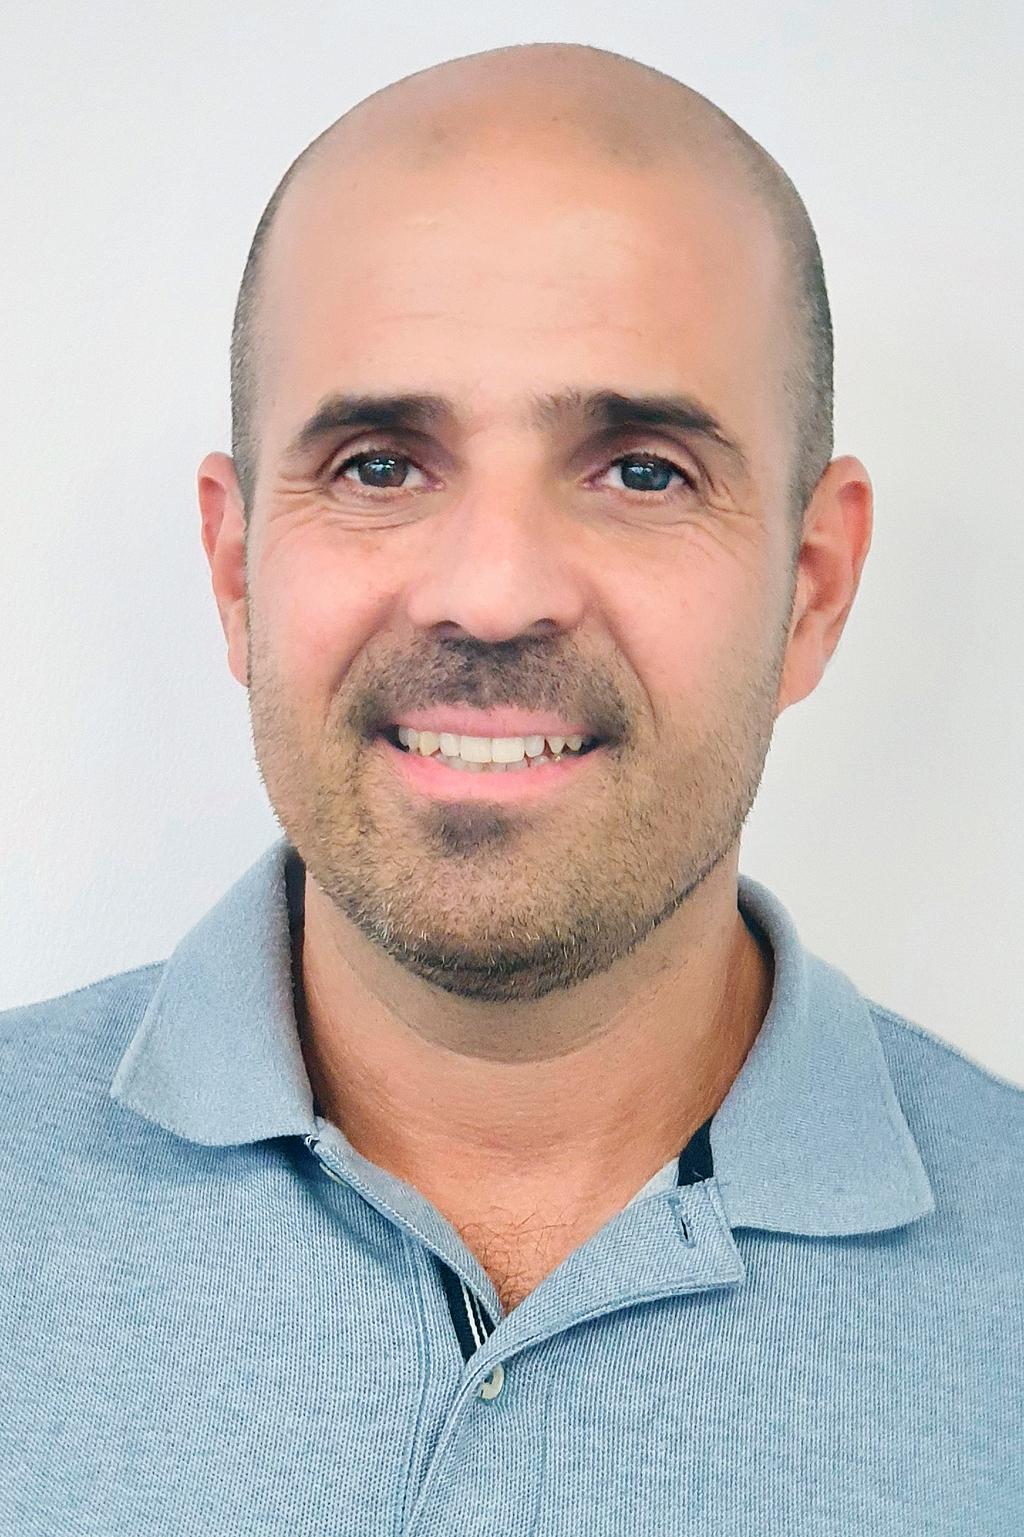 אסף פלוס מנהל אגף תכנון הנדסי בחברת נתיבי ישראל